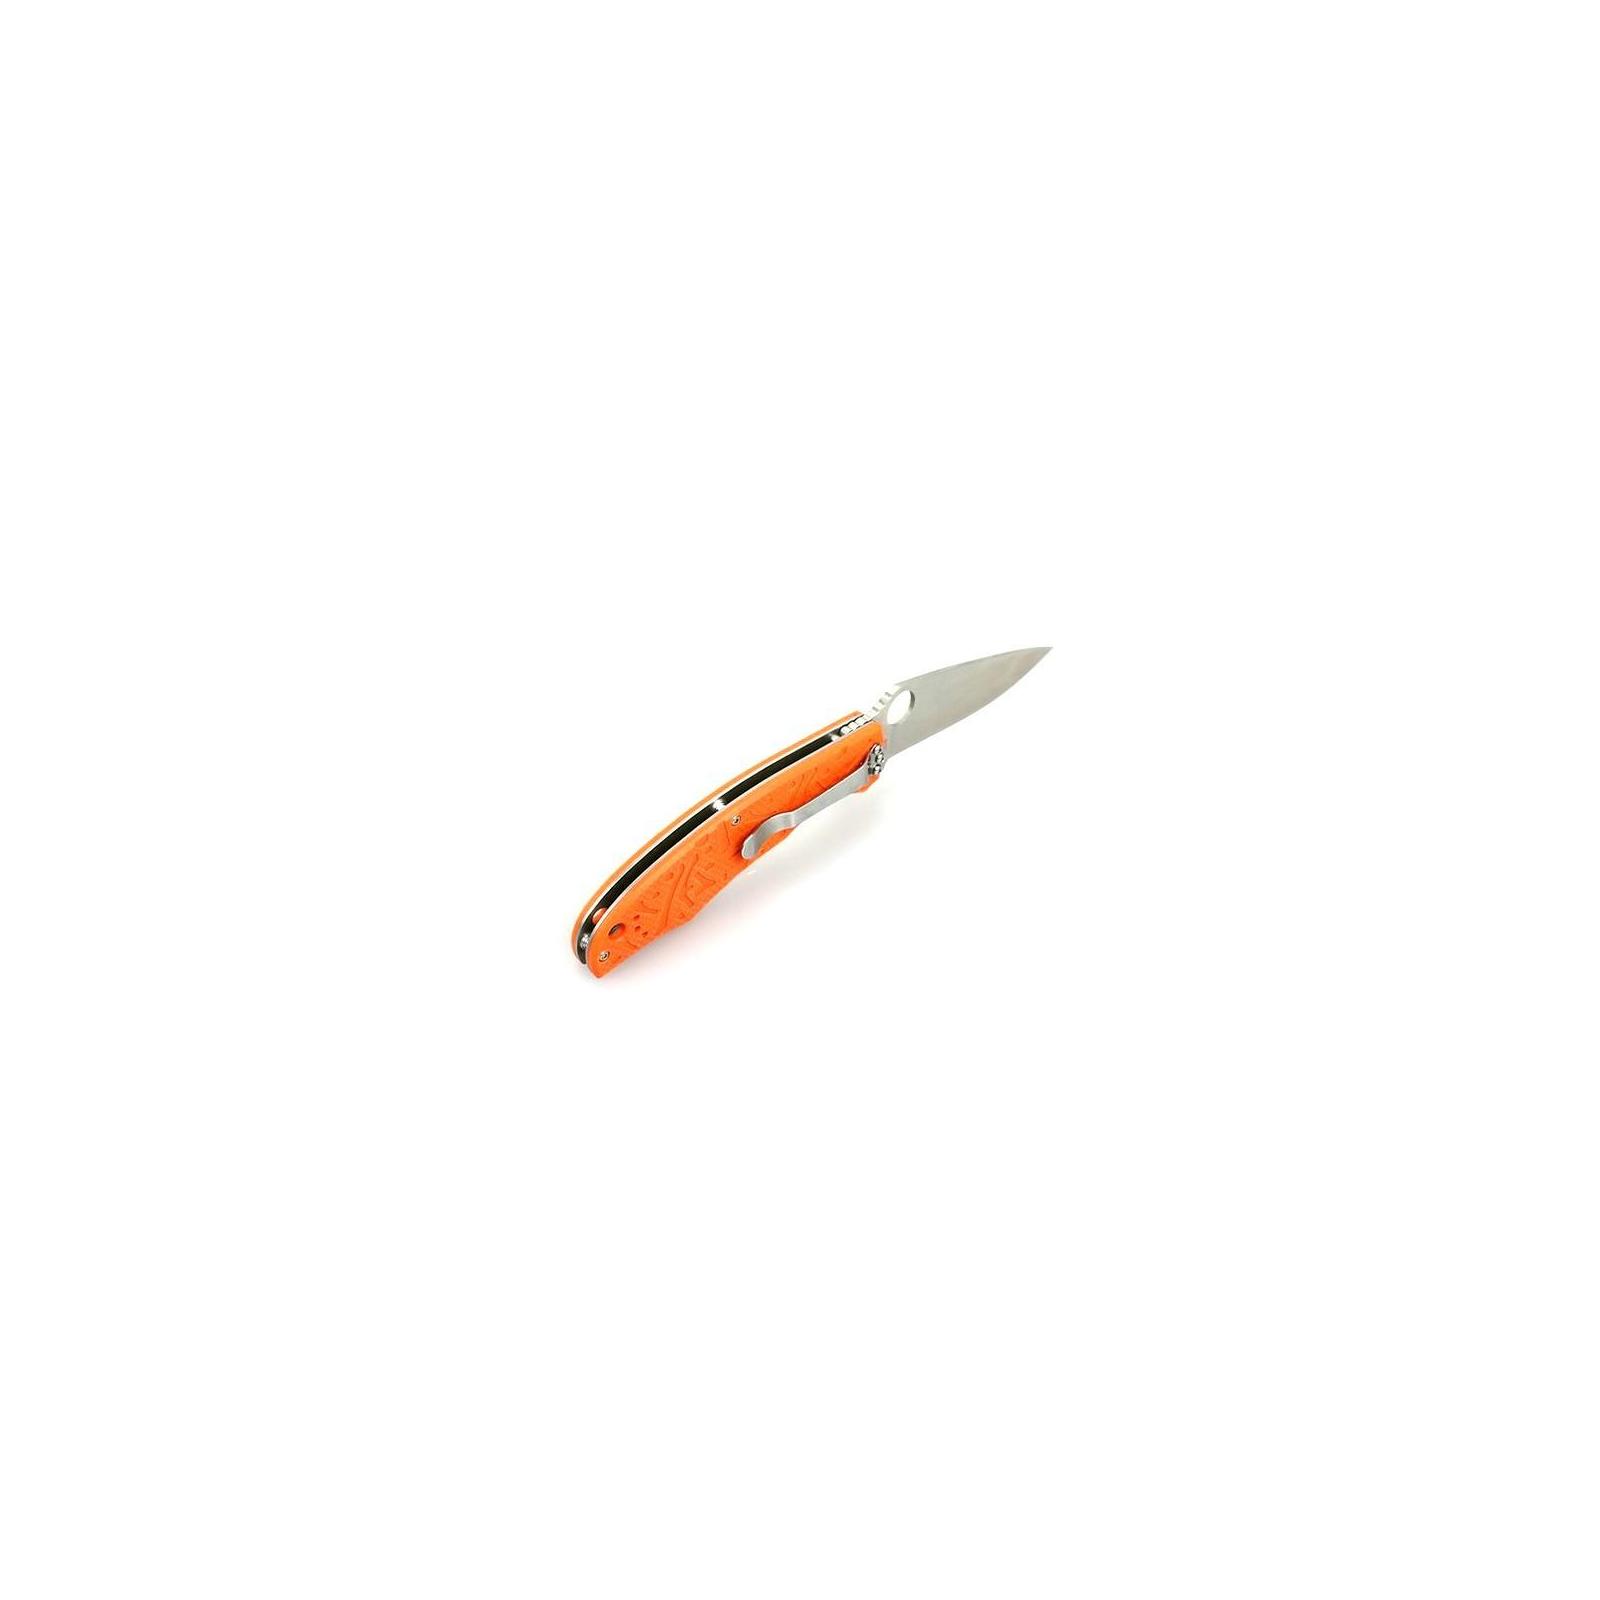 Нож Ganzo G7321-OR оранжевый (G7321-OR) изображение 3